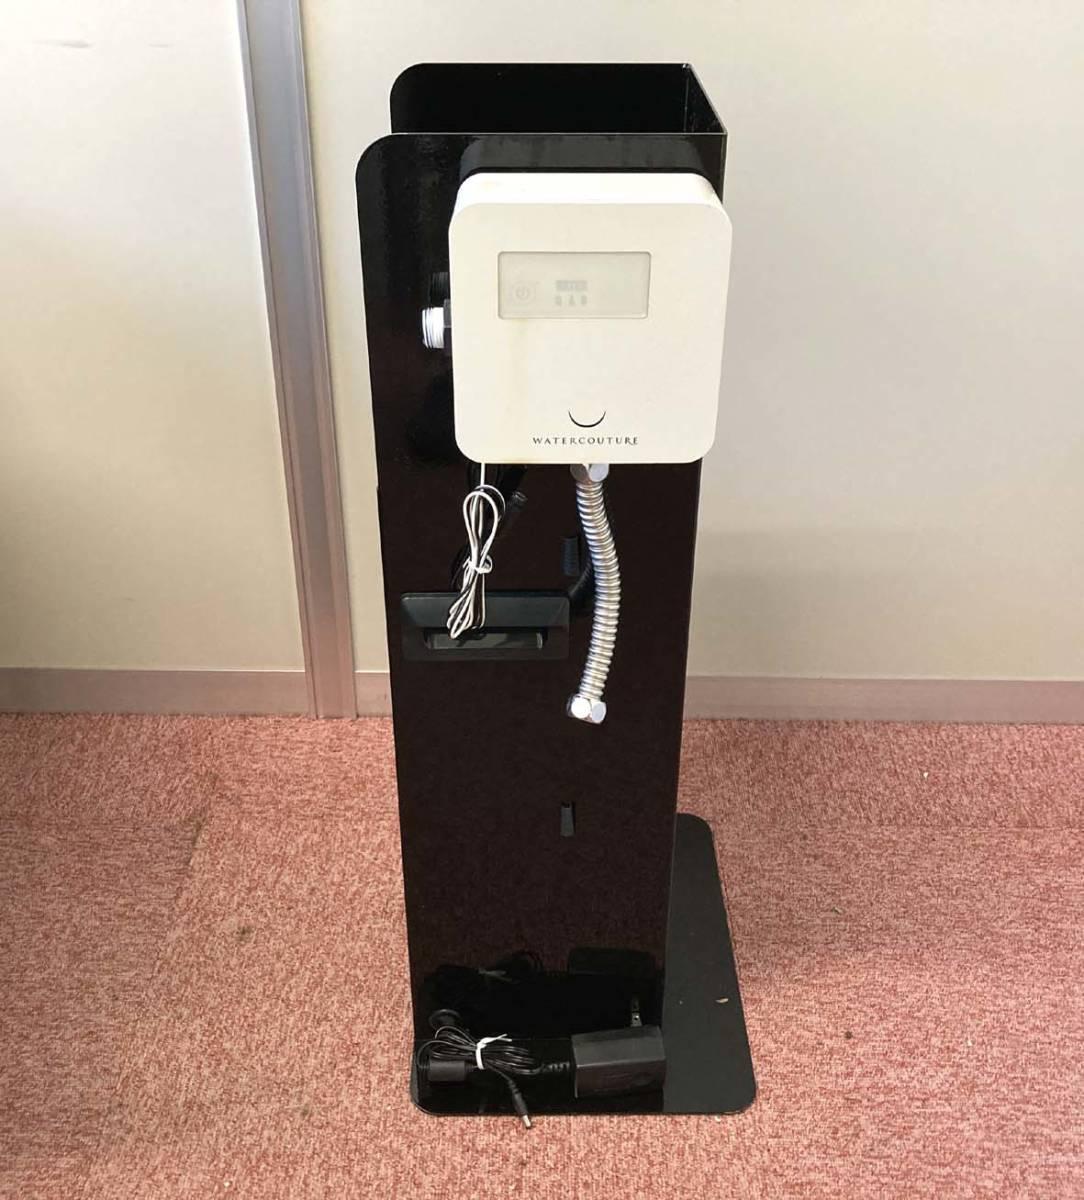 ②◇三菱レイヨン 炭酸システム SODA SHOWER WS101◇ヘッドスパ、ソーダシャワー、美容機器、美容室◇I0000341